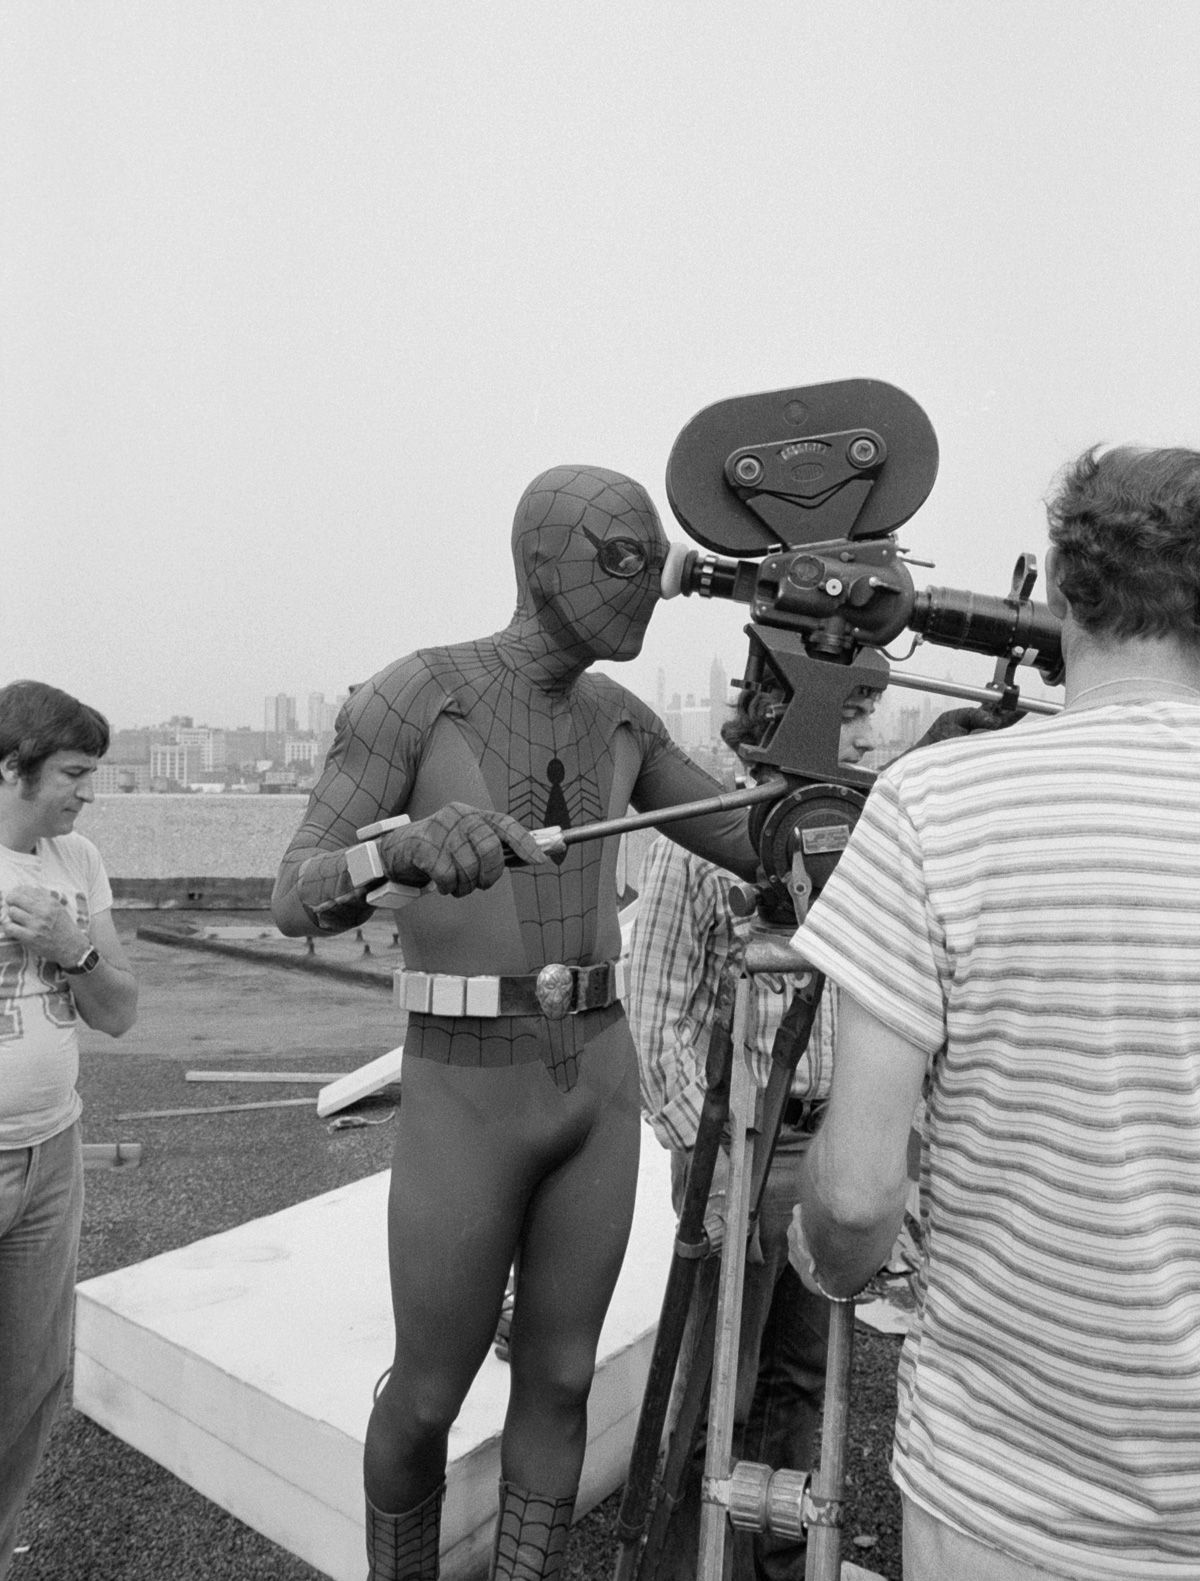 спайдермен человек-паук 1977 фото со съемок отвратительные мужии disgusting men